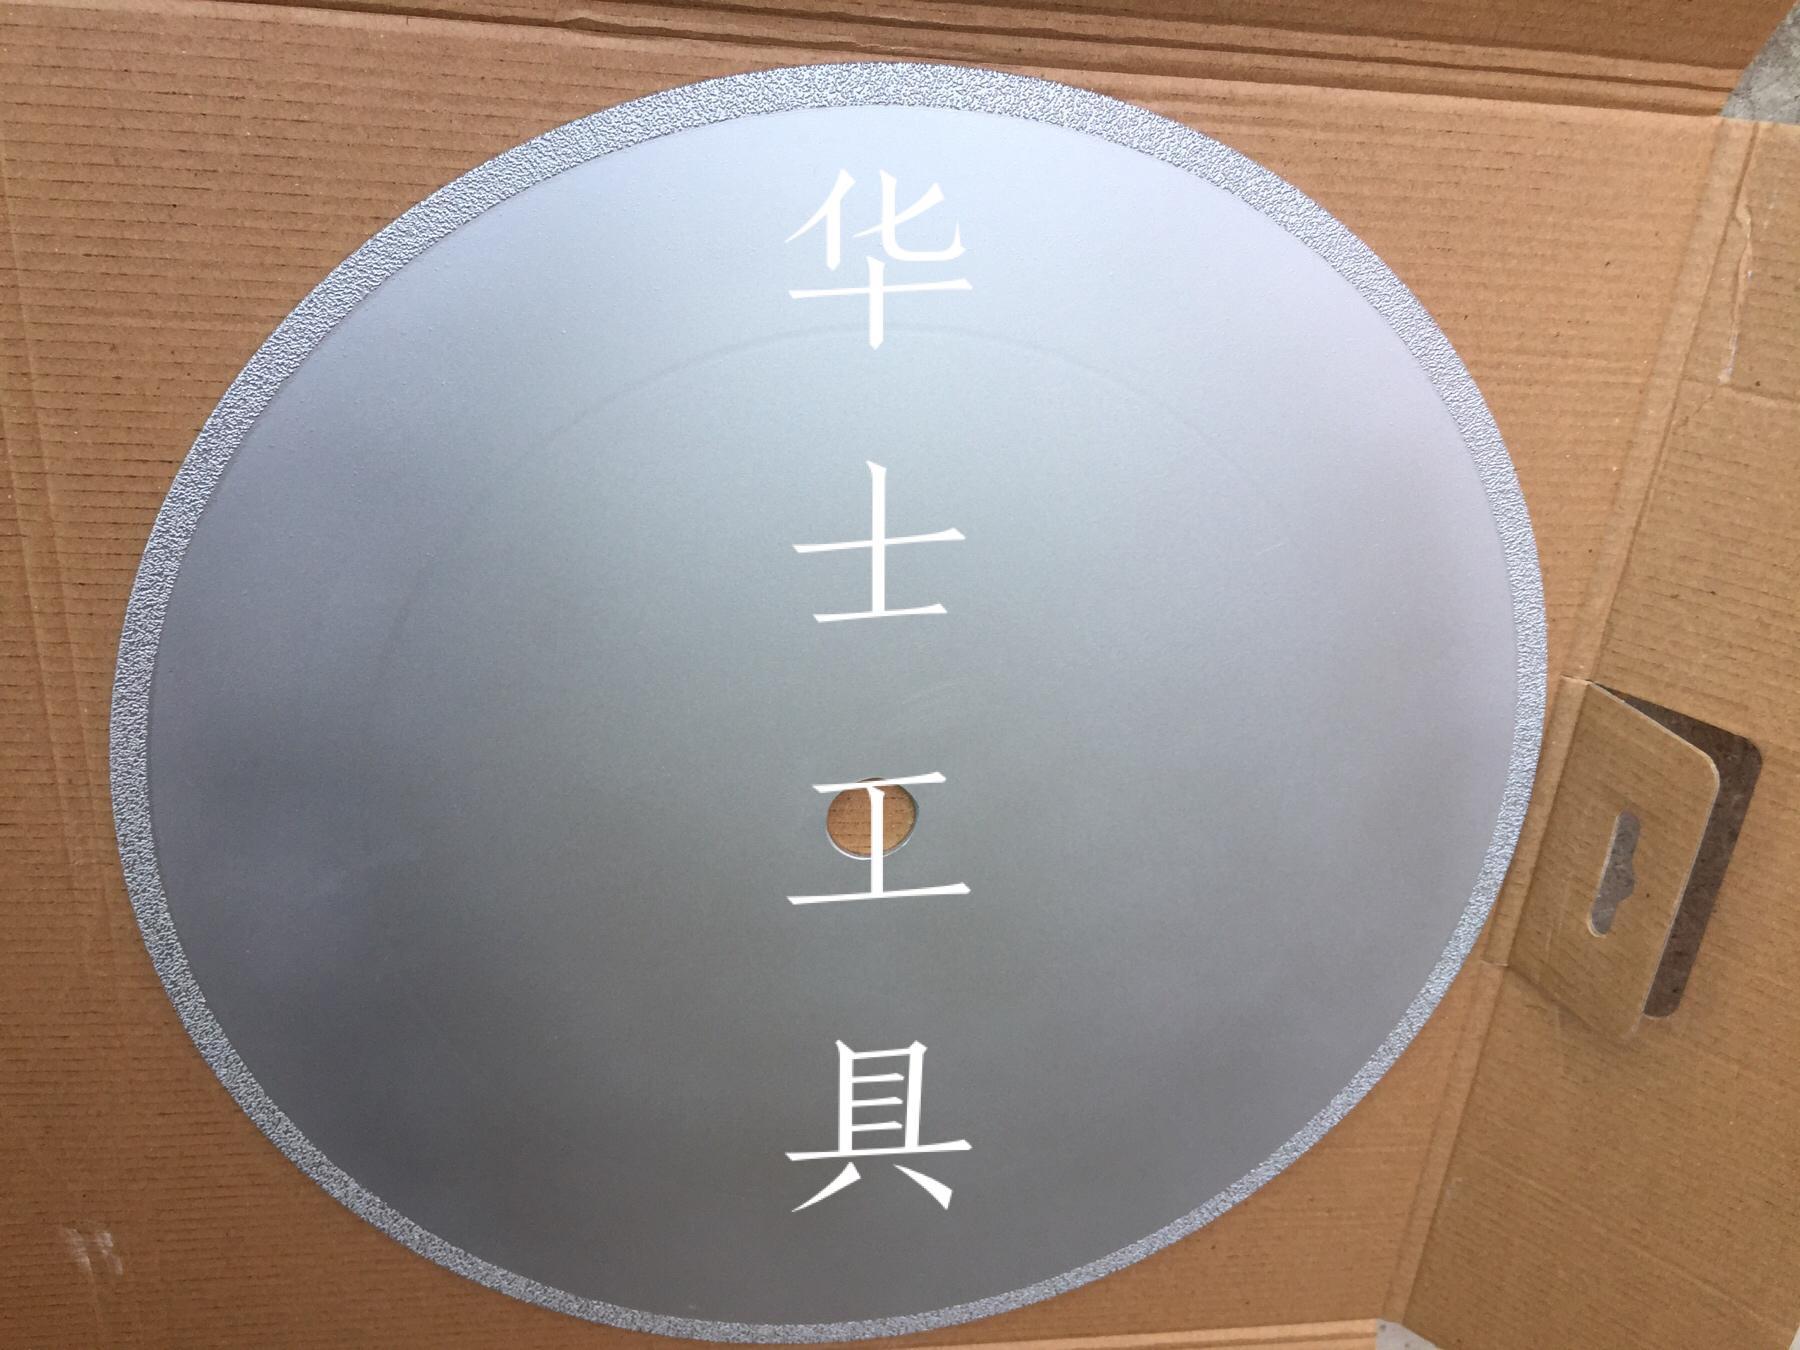 浴缸-金刚石锯片  洁具-金刚石锯片 6